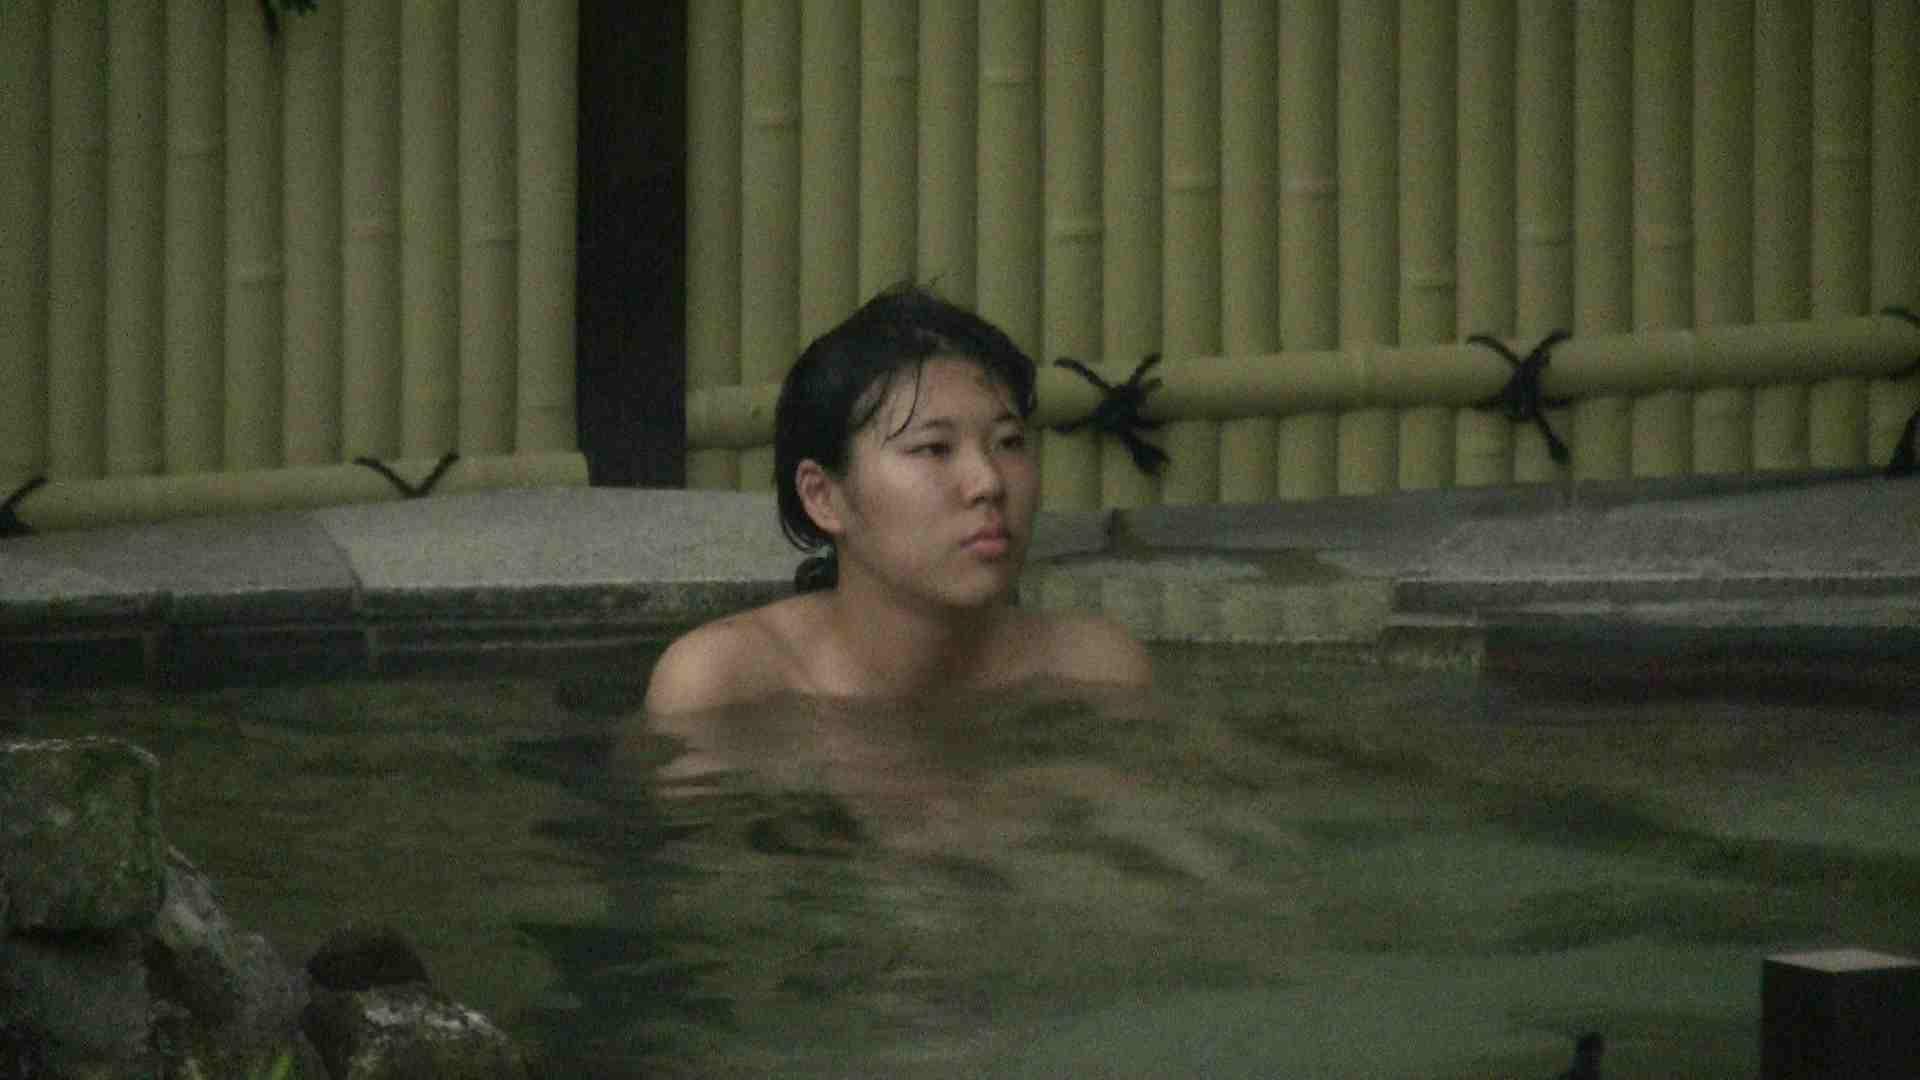 Aquaな露天風呂Vol.215 盗撮 ヌード画像 70PICs 26